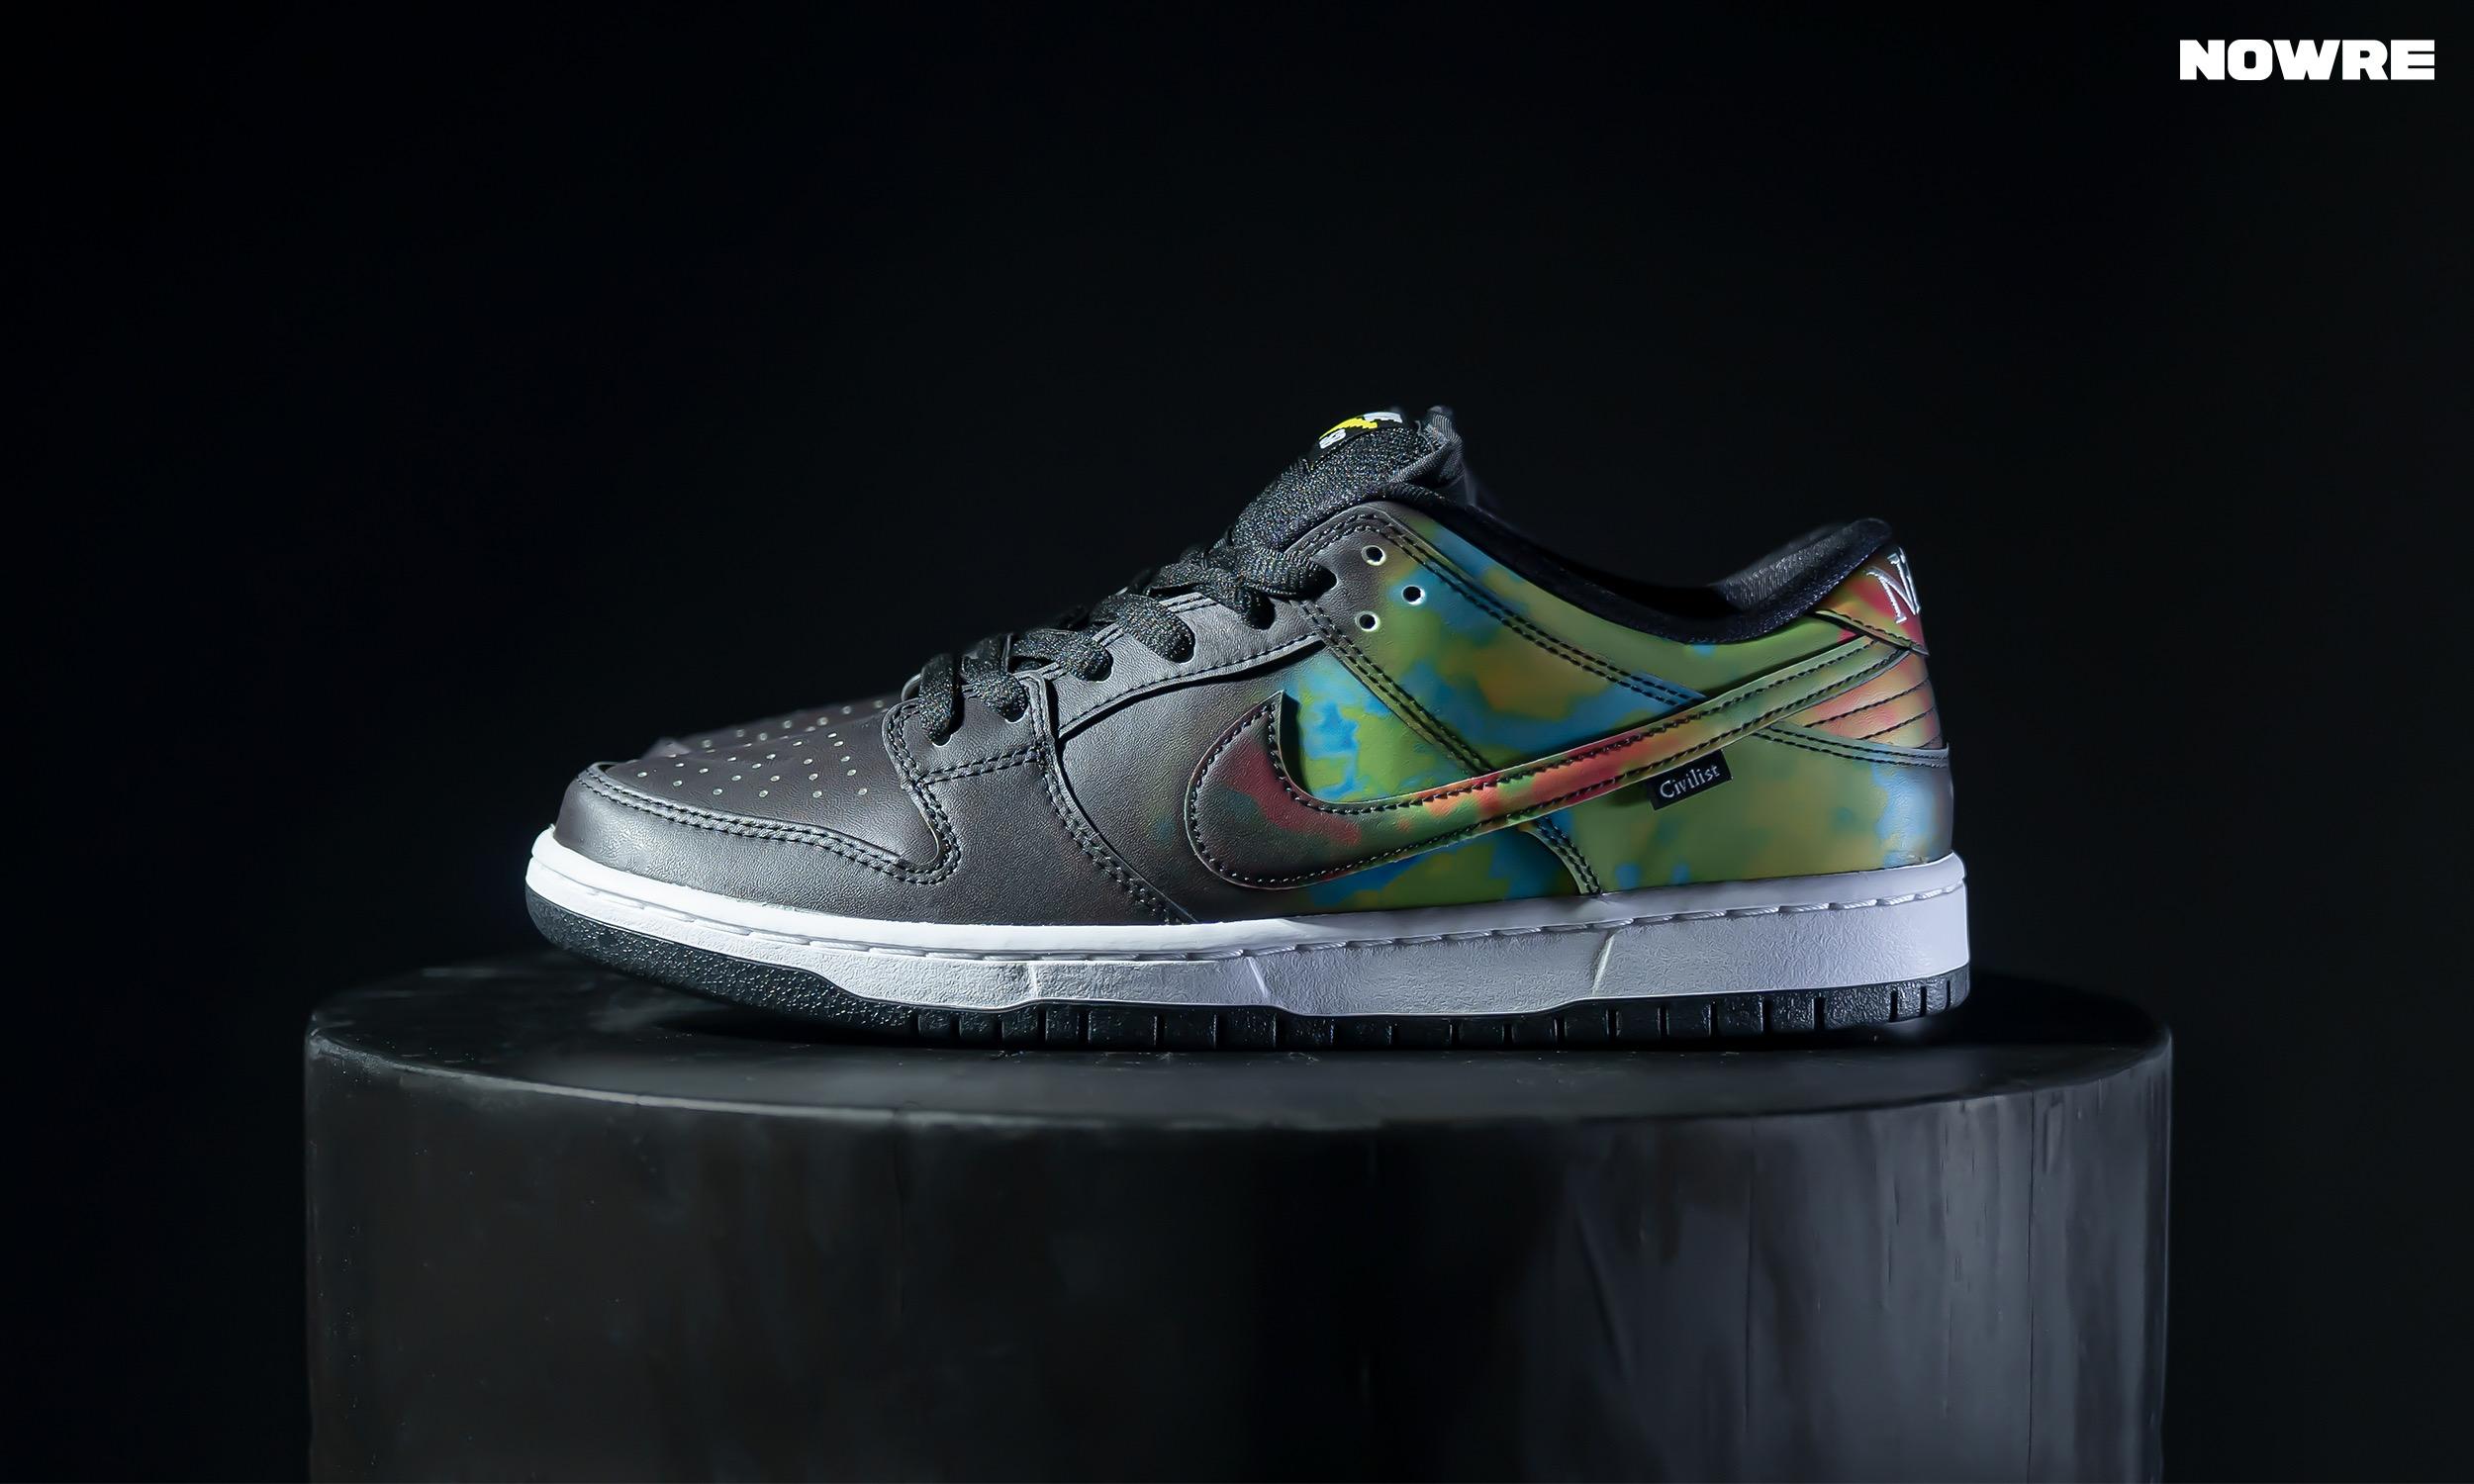 如何利用变色的 Nike Dunk 在朋友圈里收获「赞」?